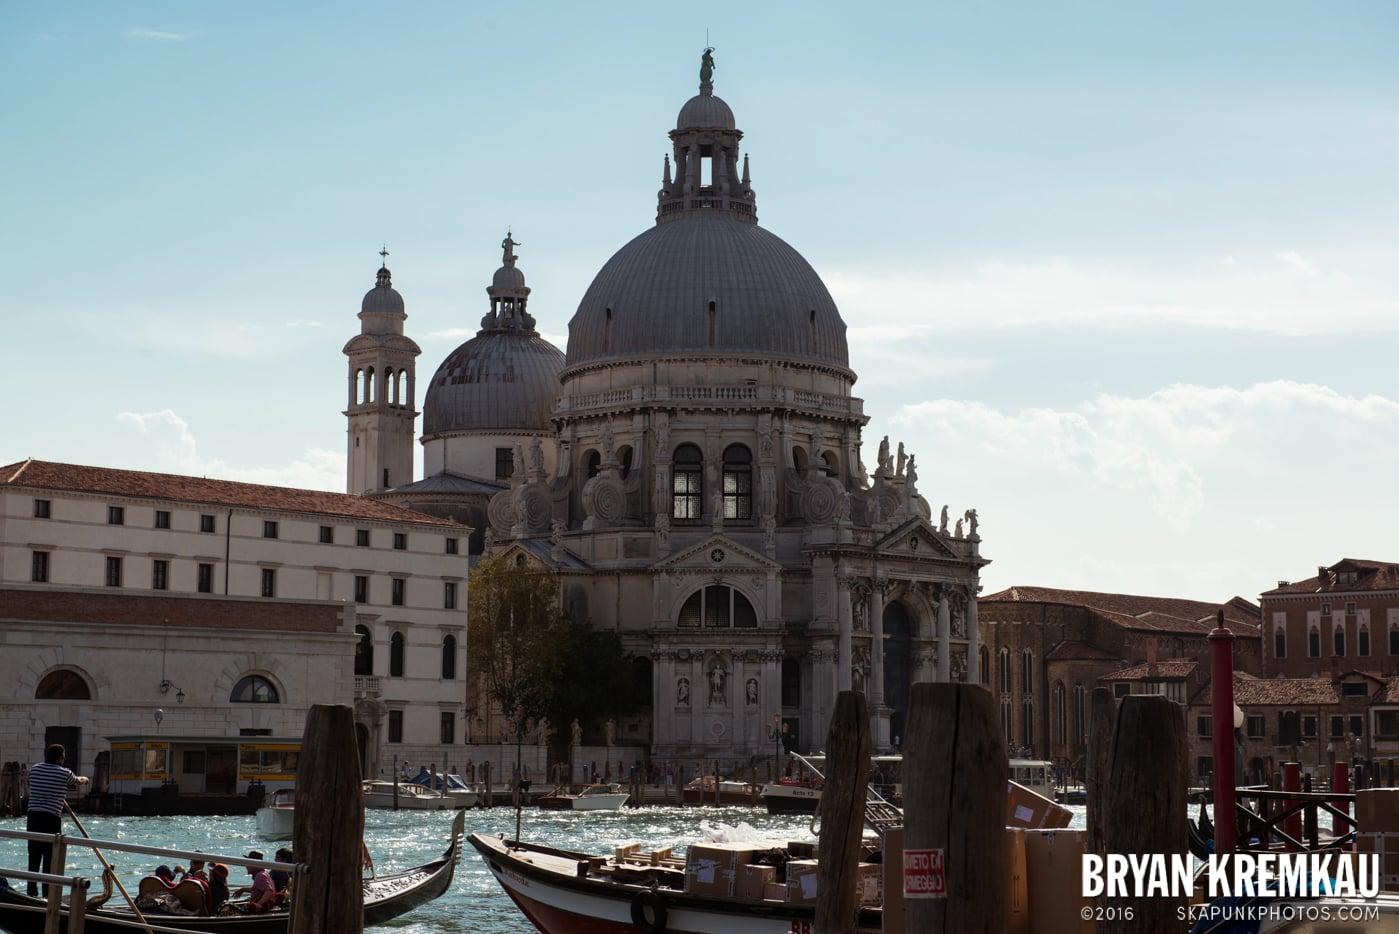 Italy Vacation - Day 5: Venice - 9.13.13 (38)